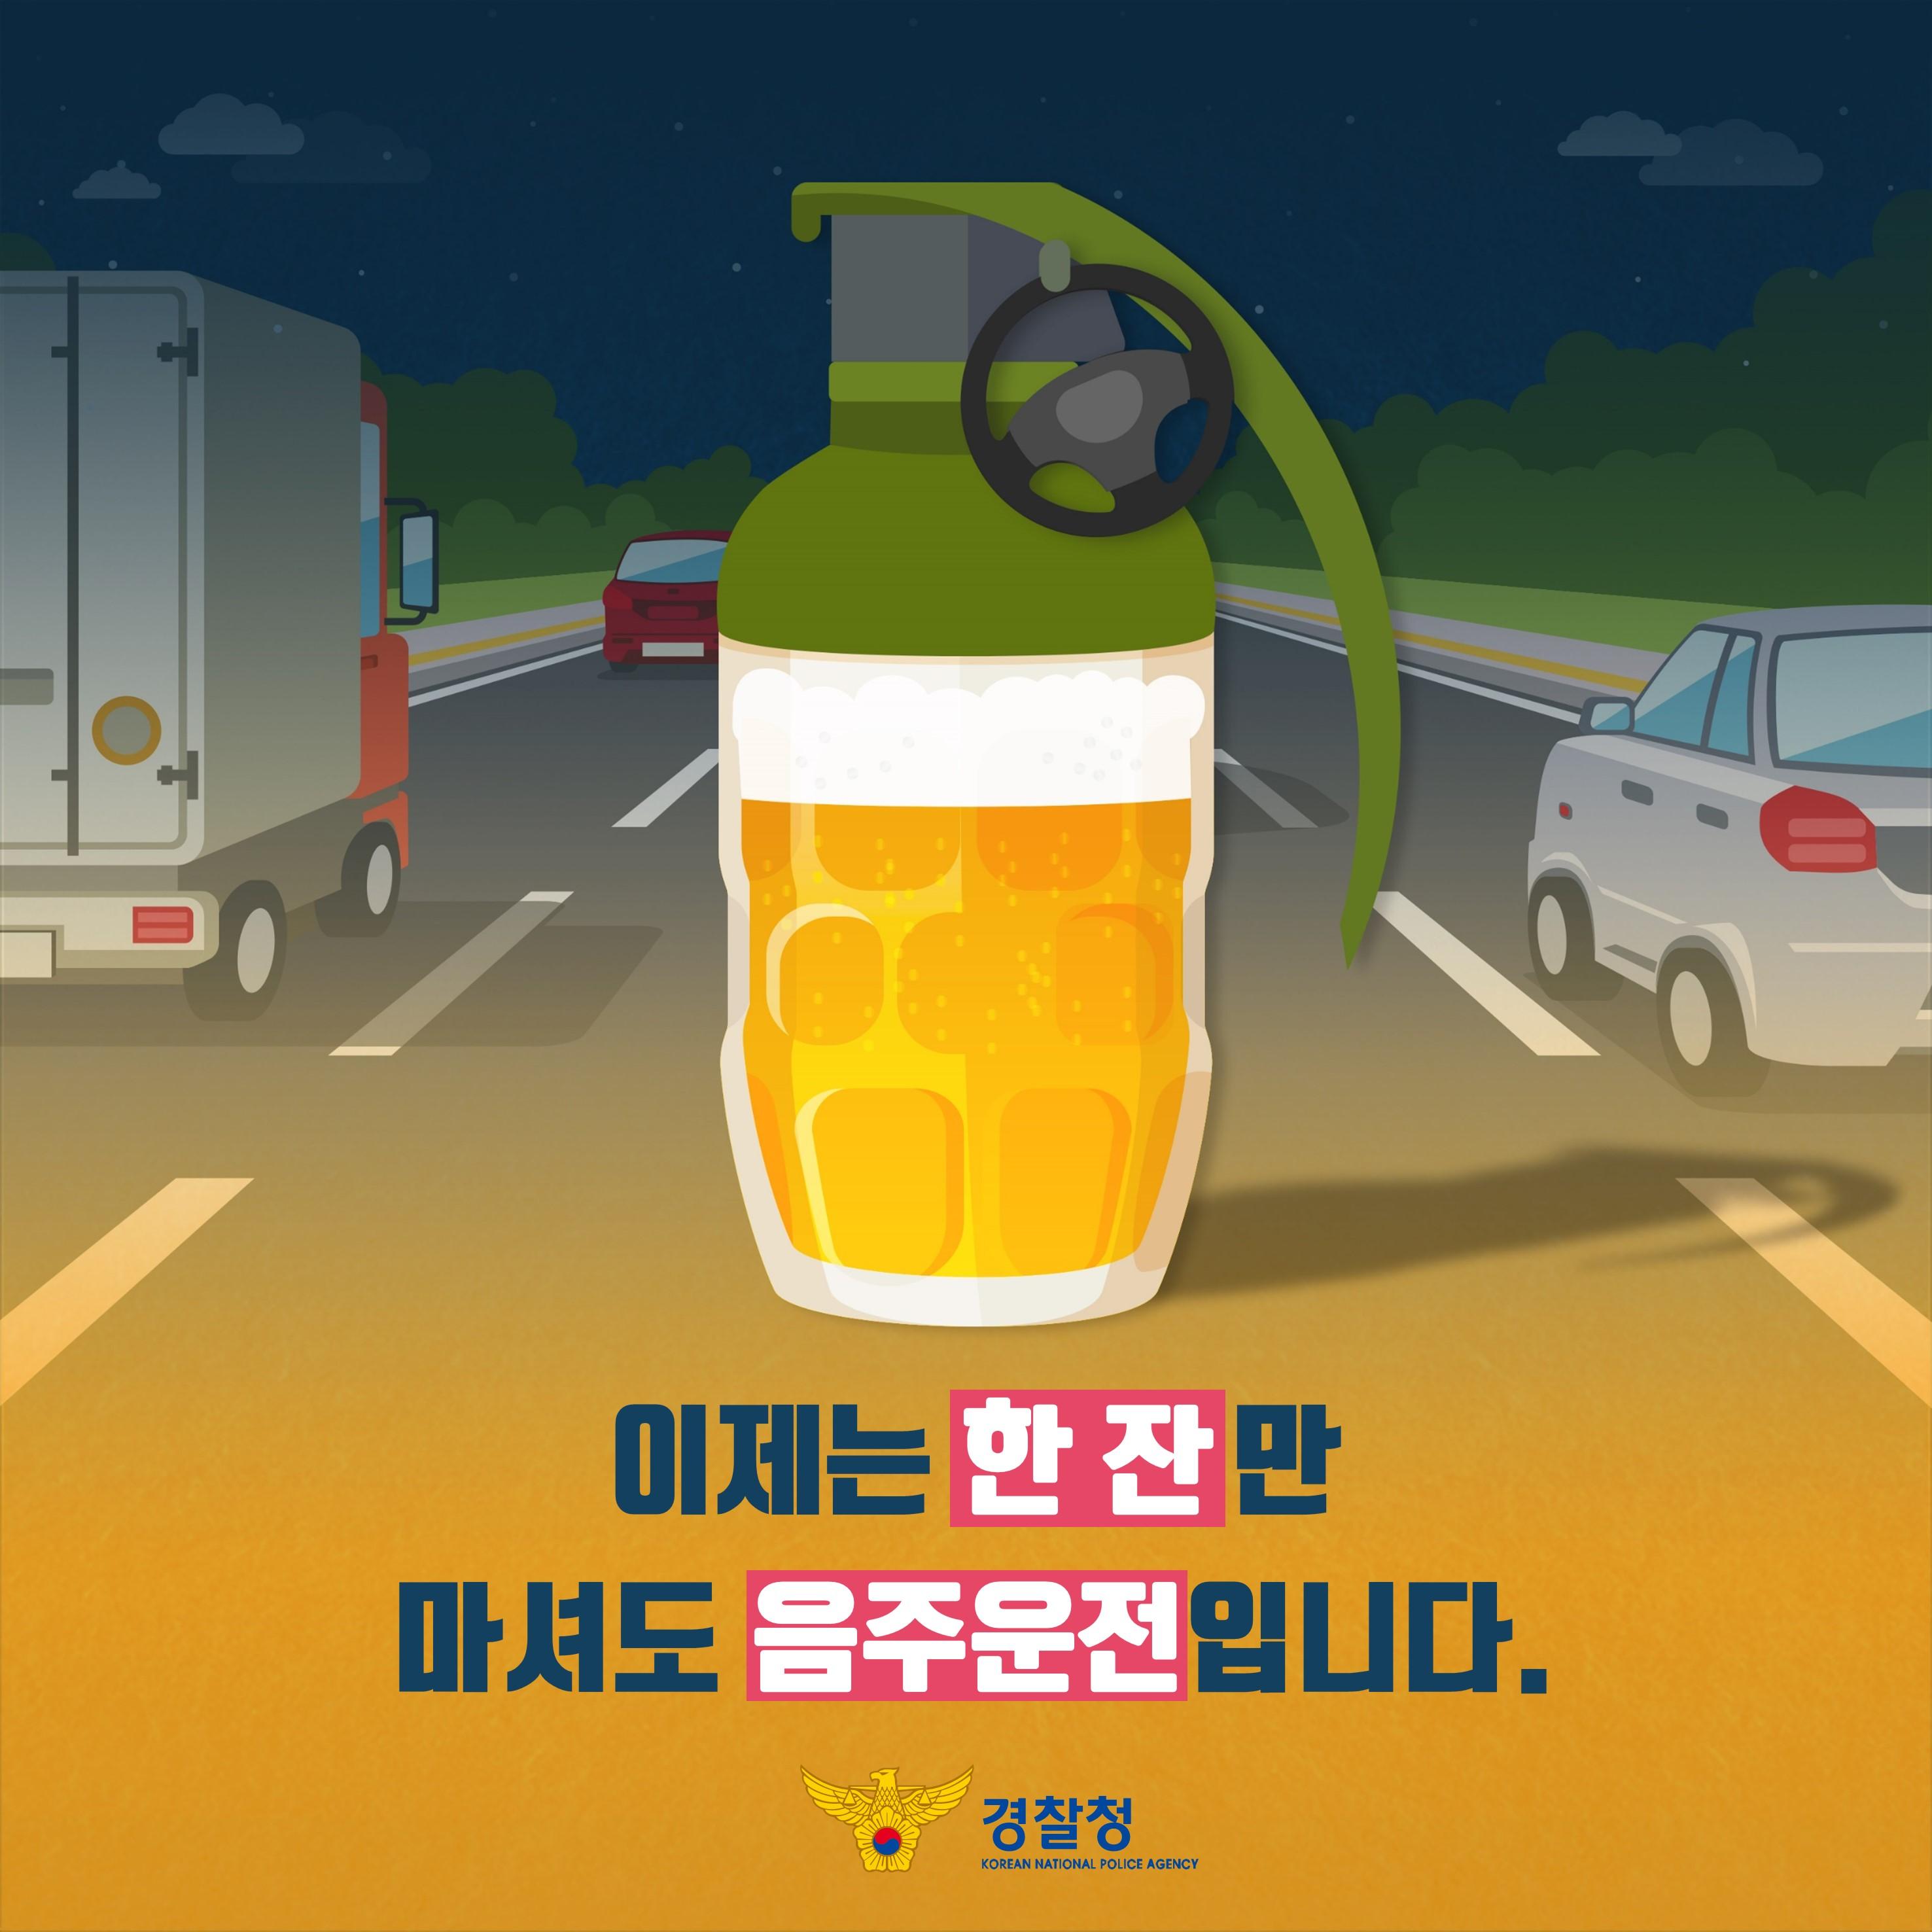 음주운전예방_1.JPG